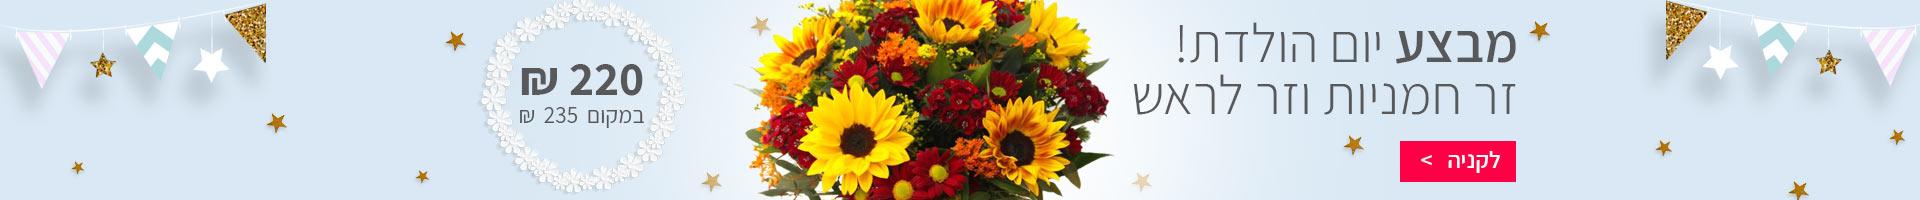 דיל זר פרחים בצבעים חמים וזר לראש לבן